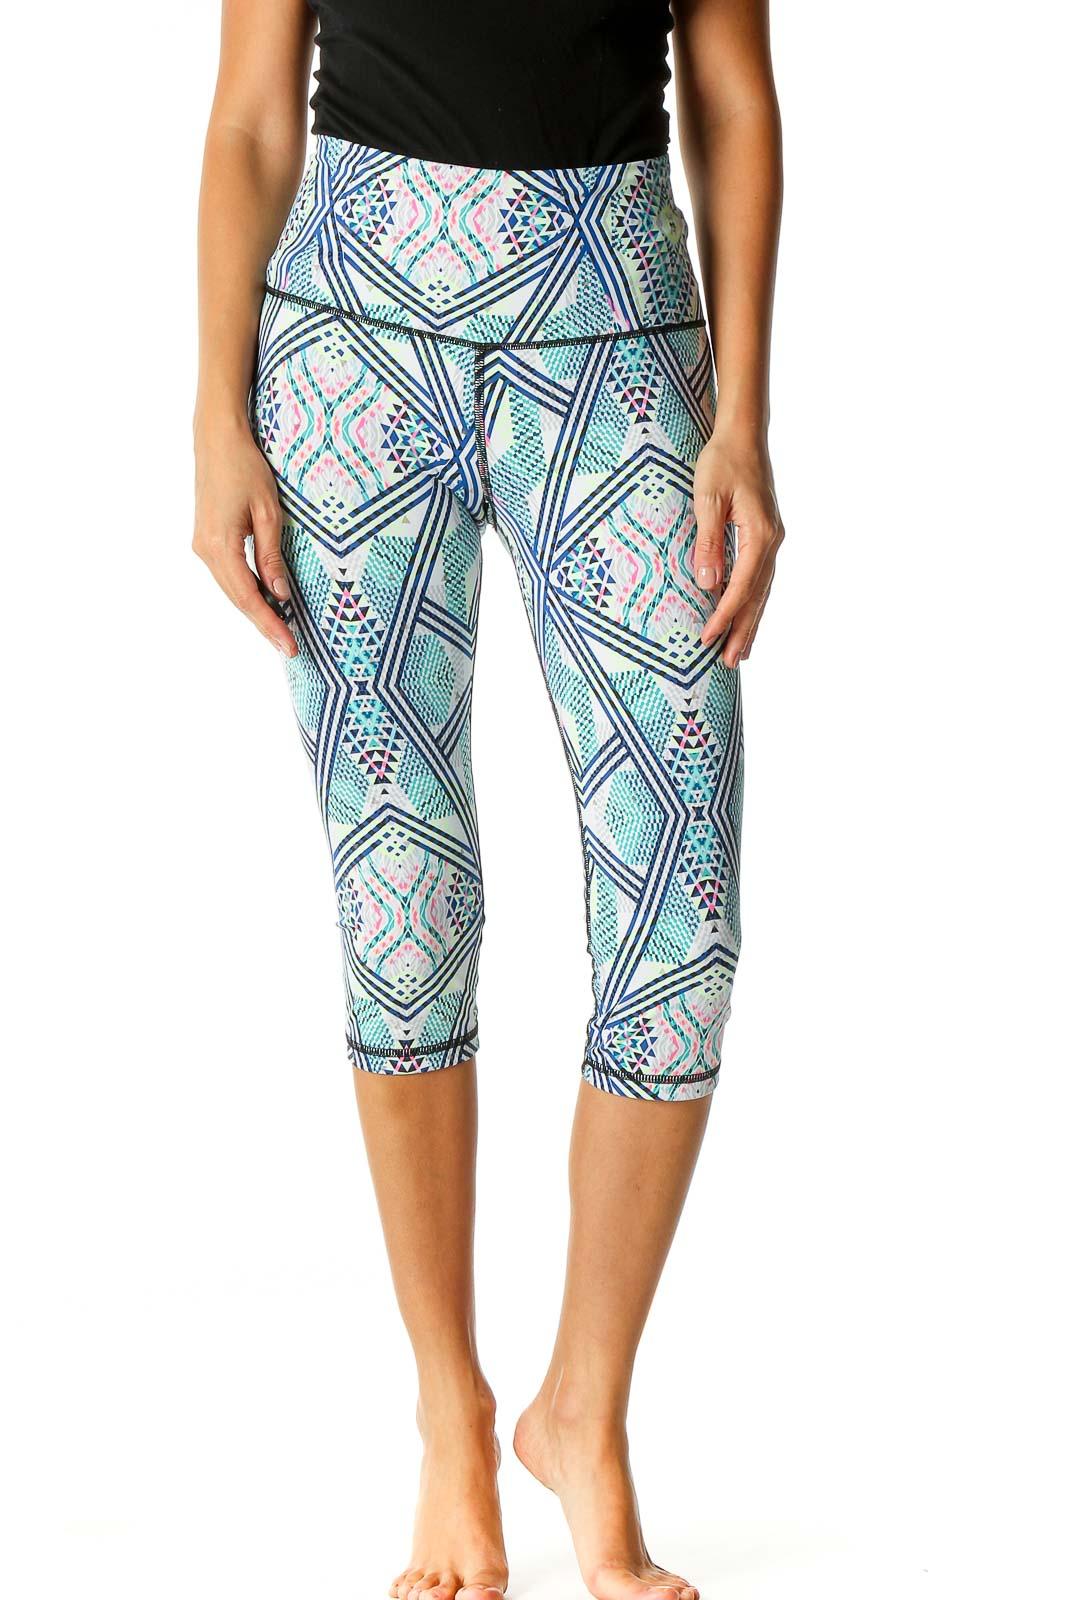 Green Aztec Print Casual Leggings Front